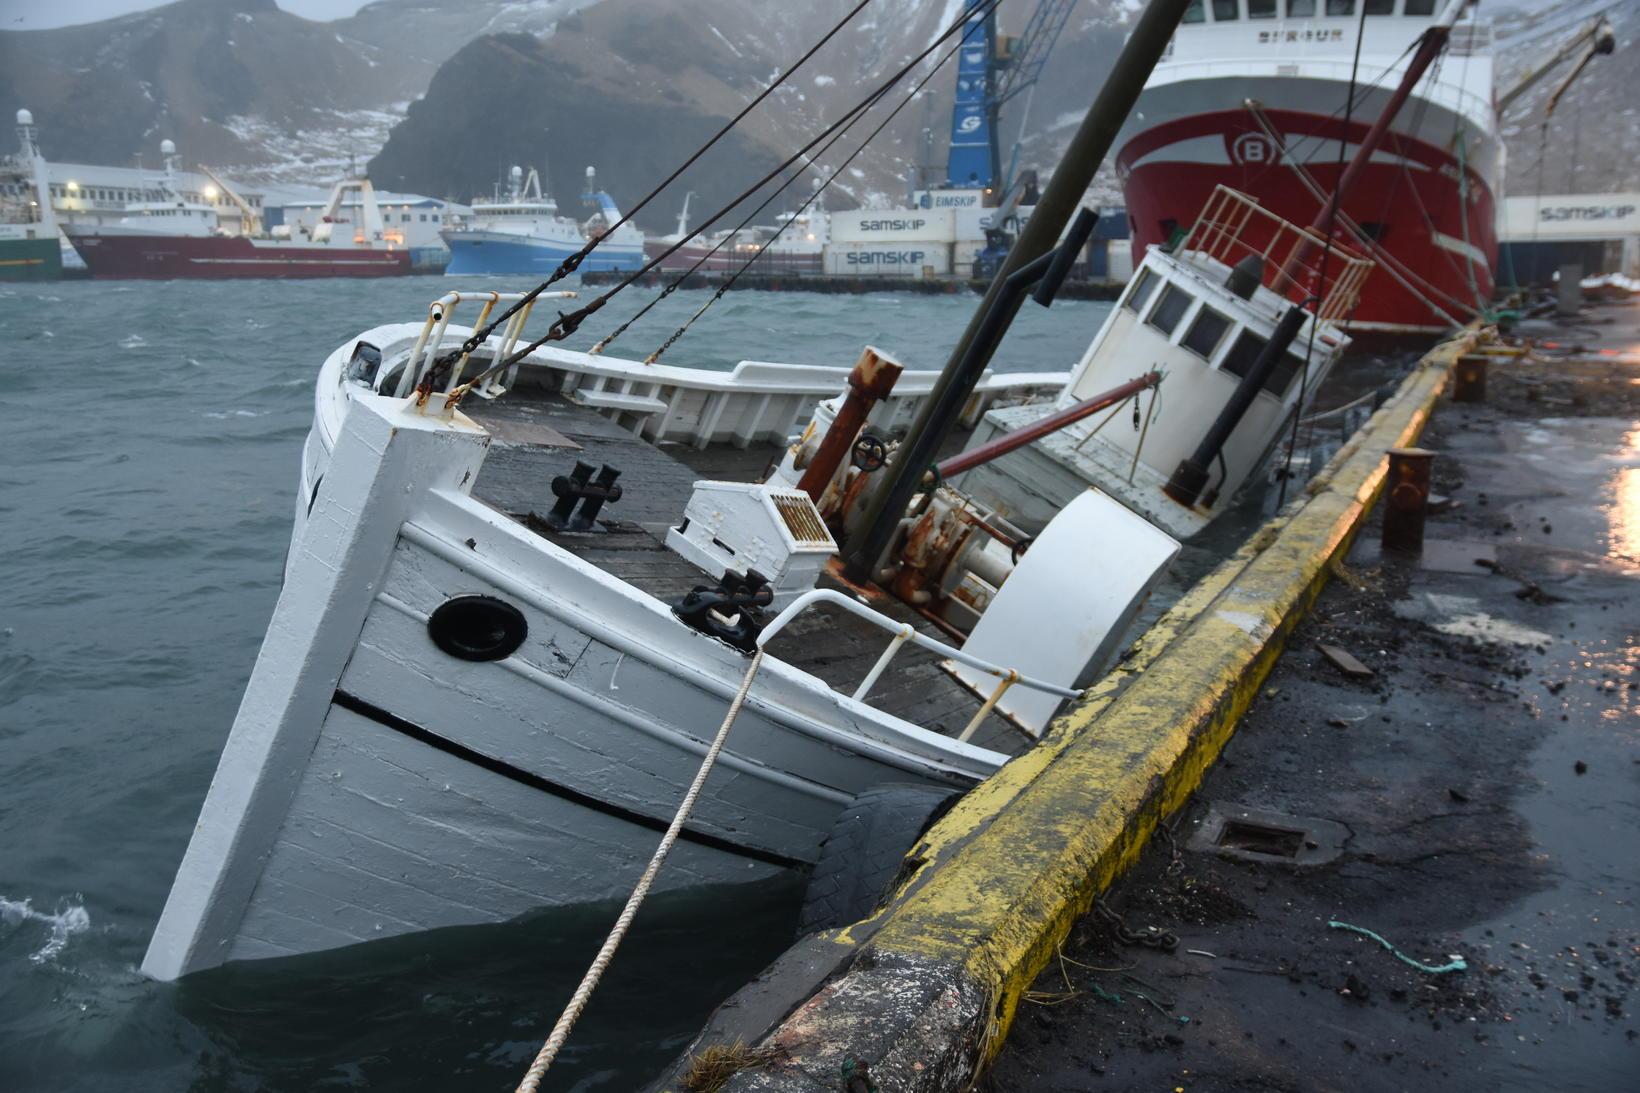 Blásteinn VE21, skömmu áður en hann hvarf í höfnina.